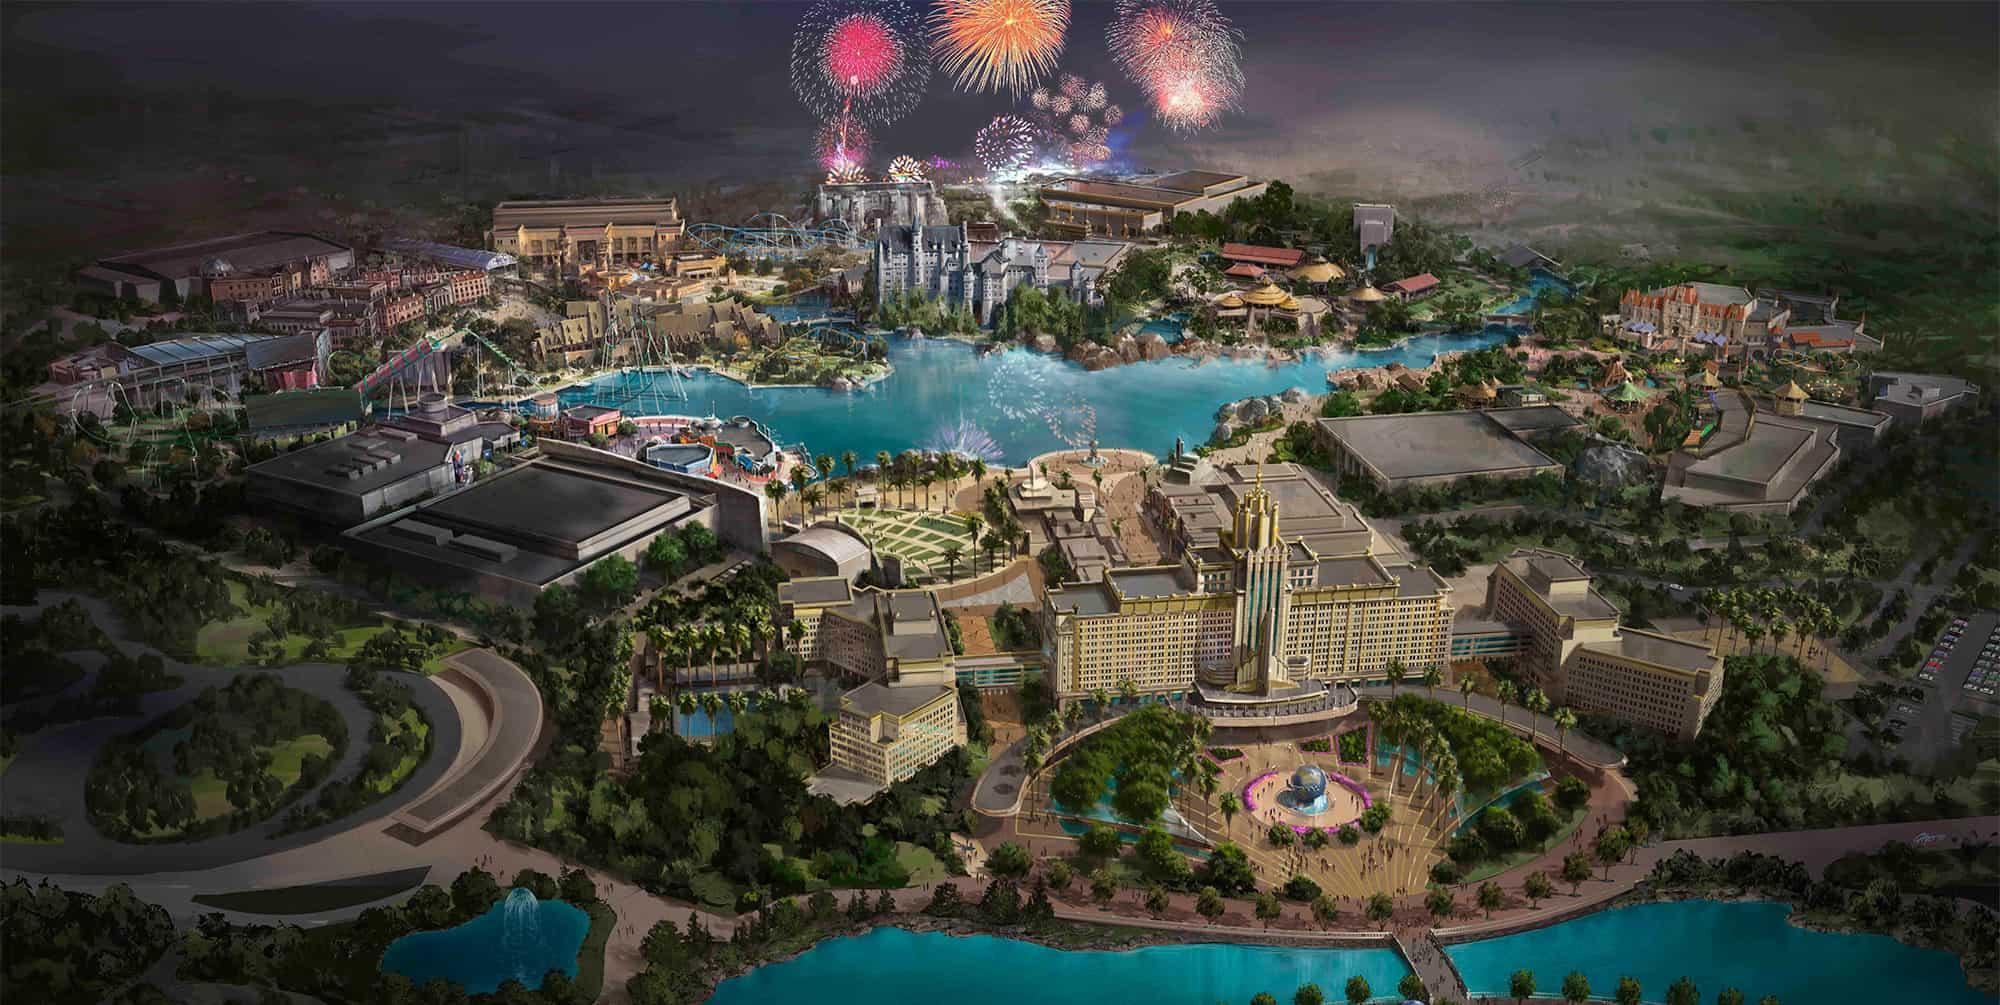 Universal Beijing Resort reveló más detalles del parque temático que abrirá en 2021